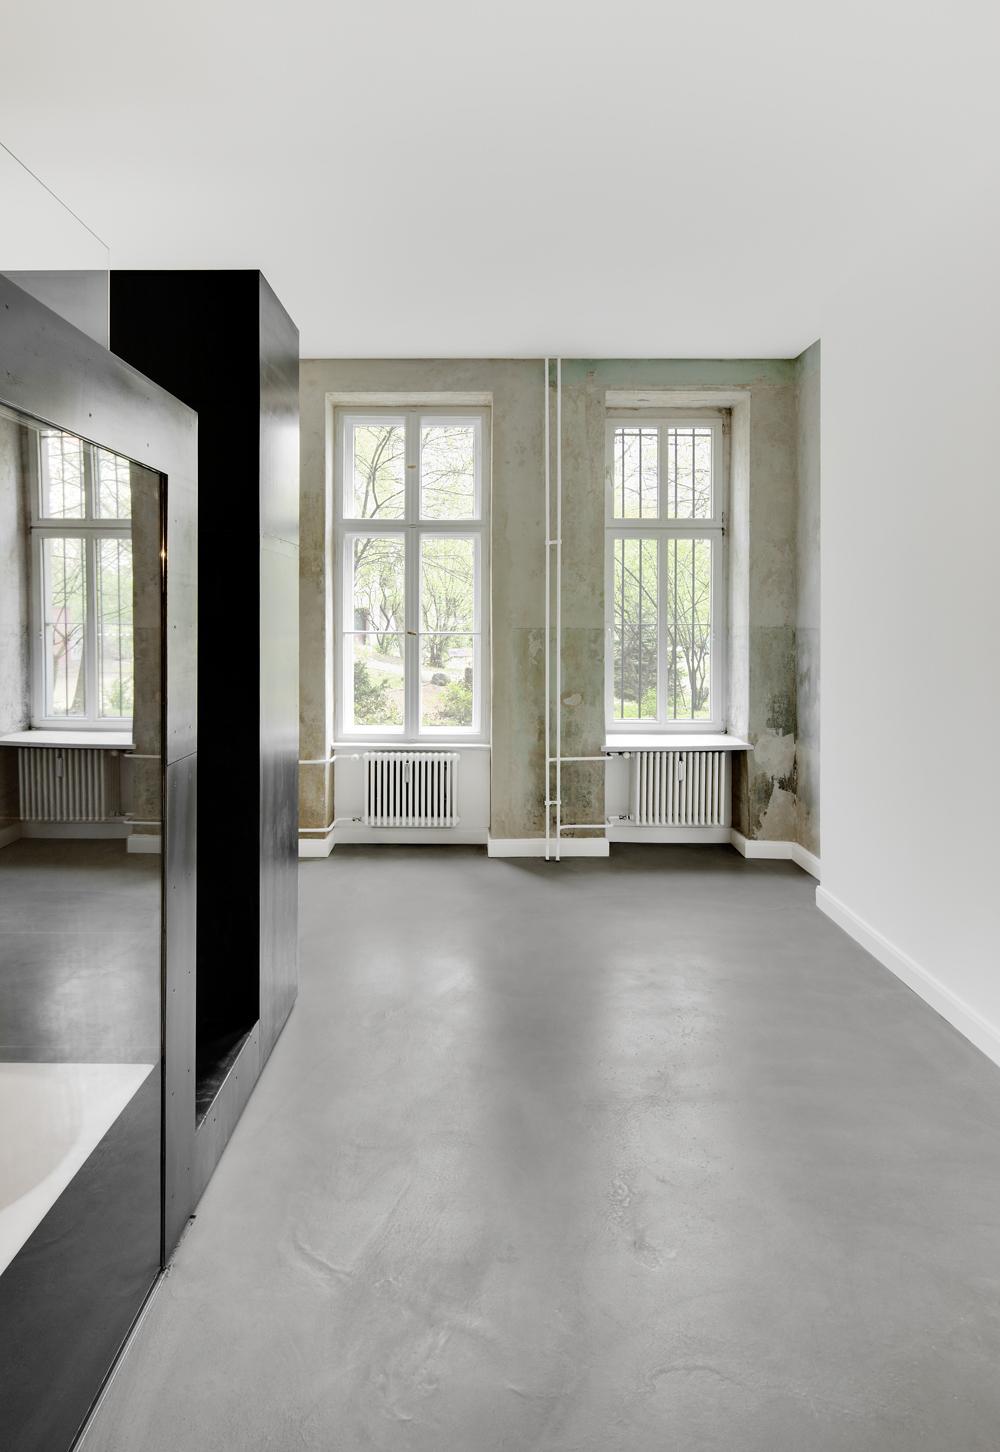 Musiker Wohnung Innenausbau Atelier Haussmann3 Atelierhaussmannde